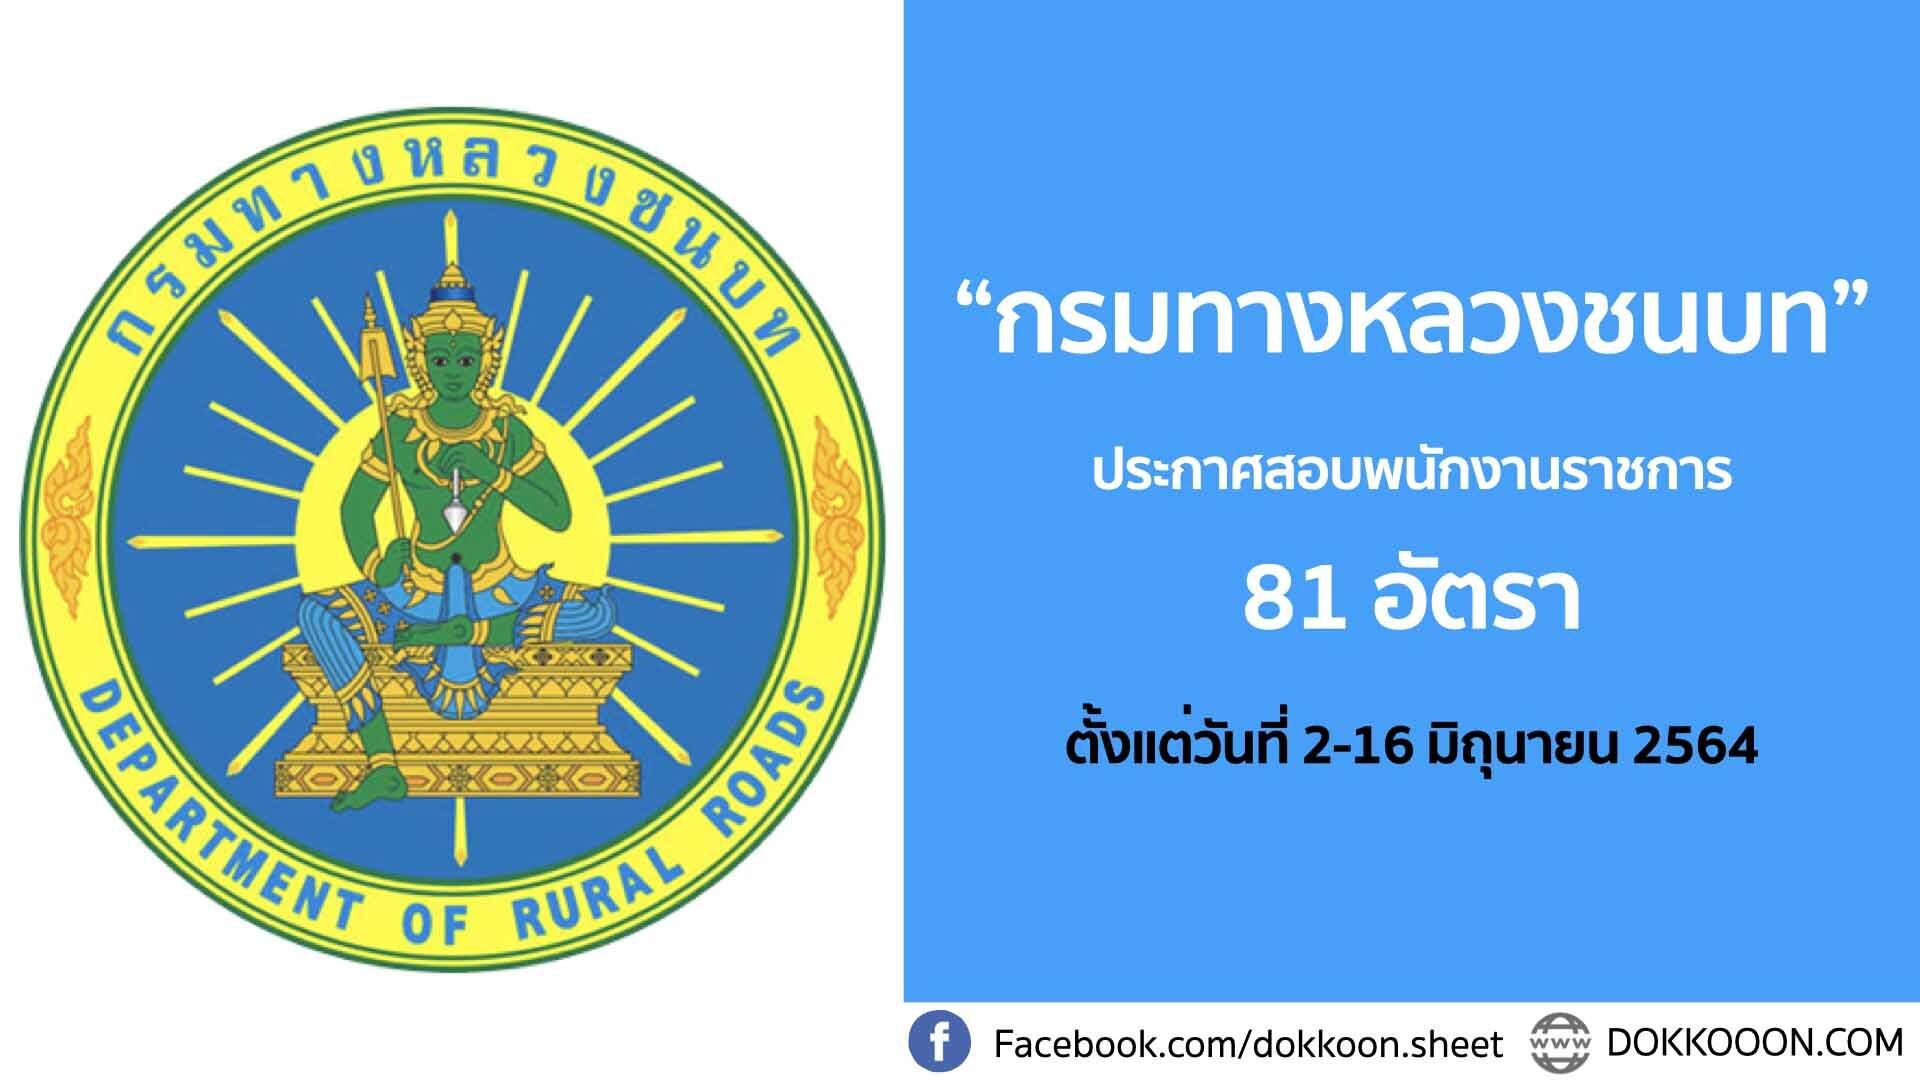 กรมทางหลวงชนบท เปิดรับสมัครสอบพนักงานราชการ 81 อัตรา 2564